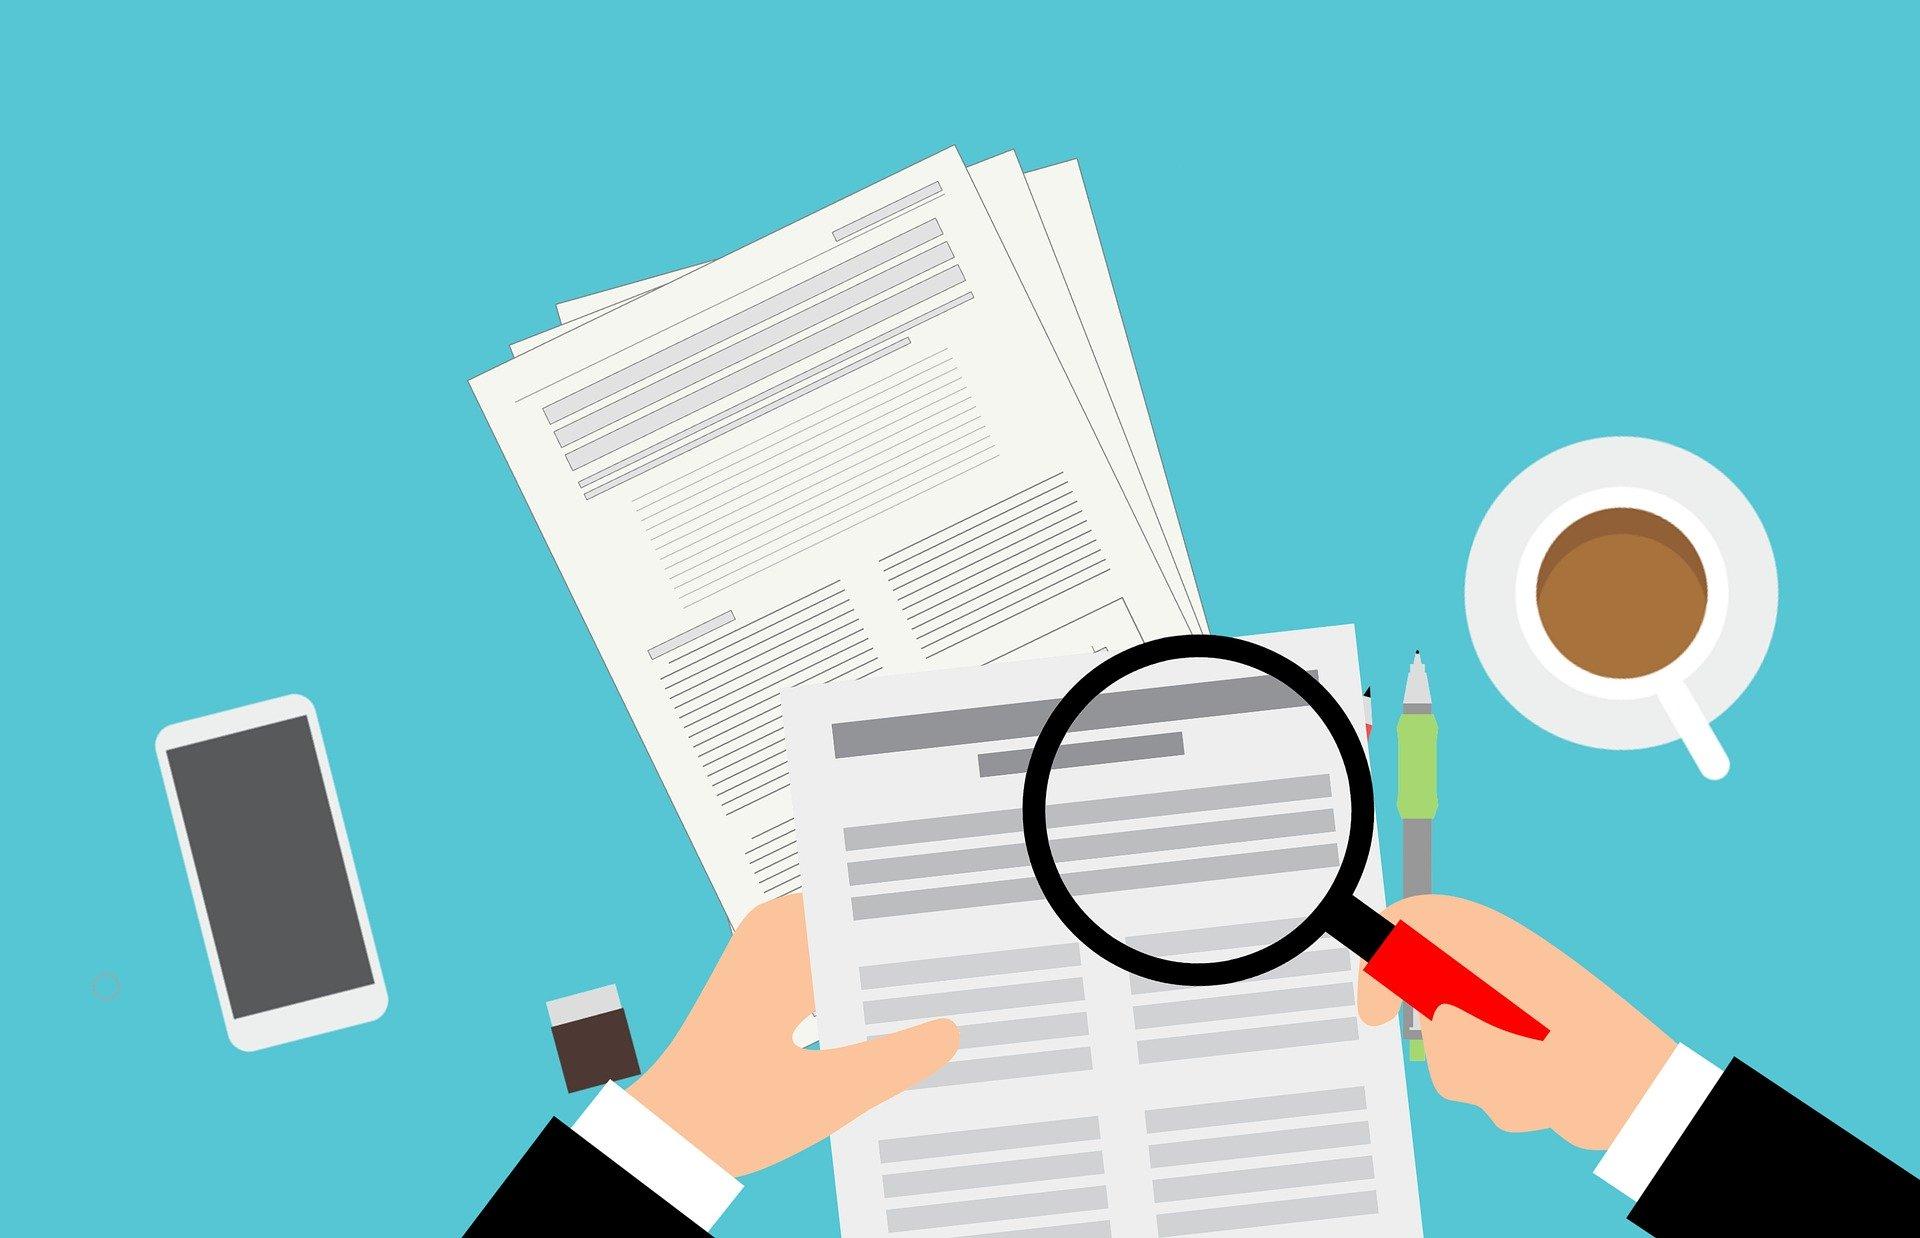 Внесення змін до тендерної документації: практичні й технічні аспекти (Частина 2)